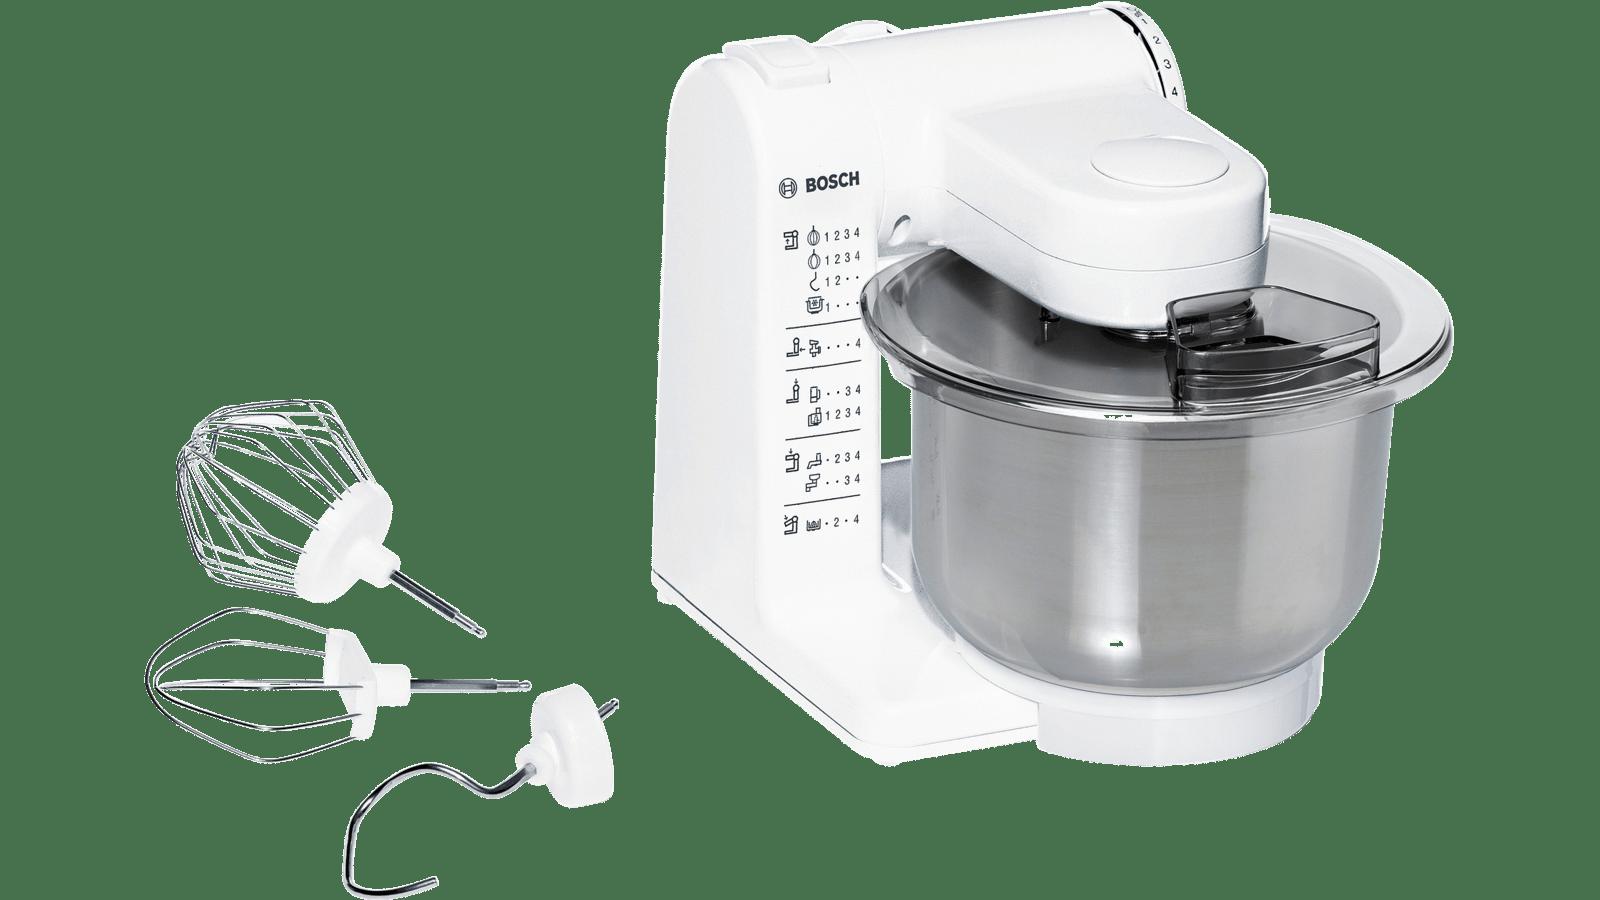 Bosch Mum4407 Macchina Da Cucina